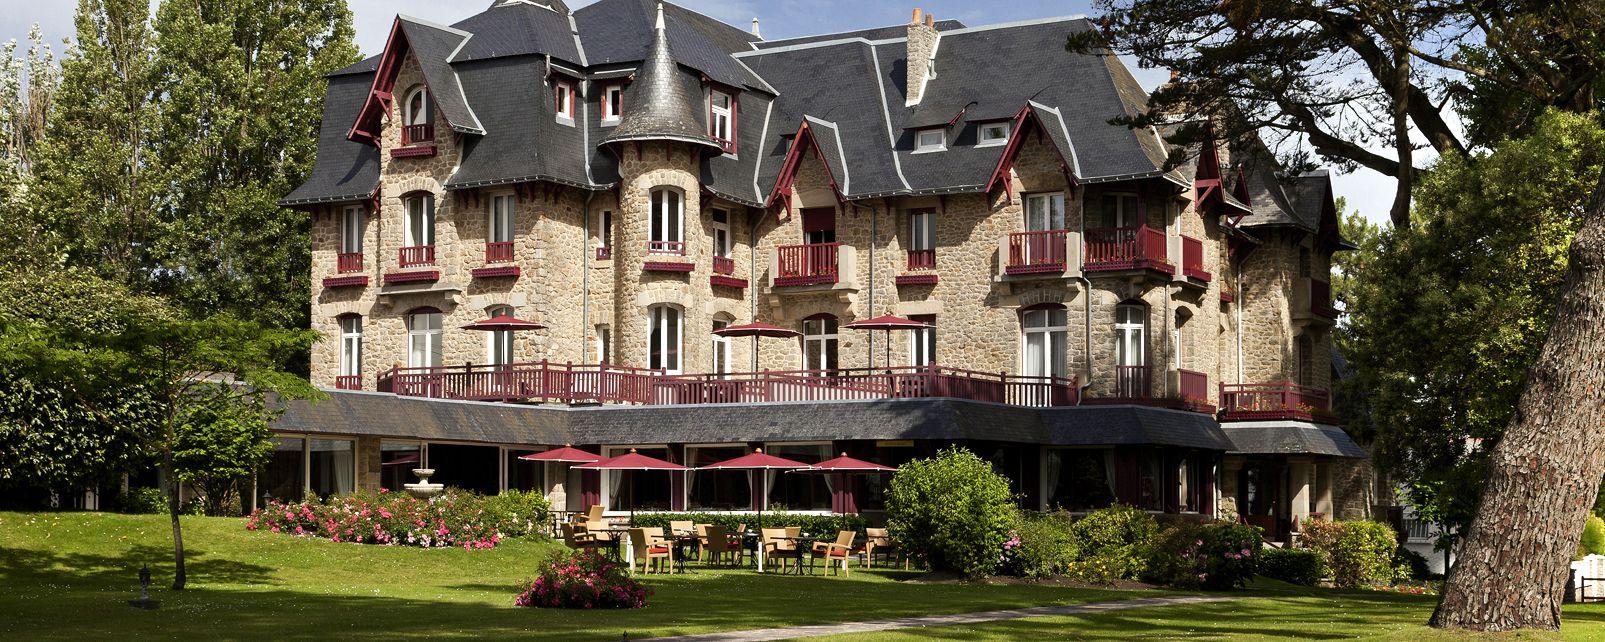 Hôtel Castel Marie-louise